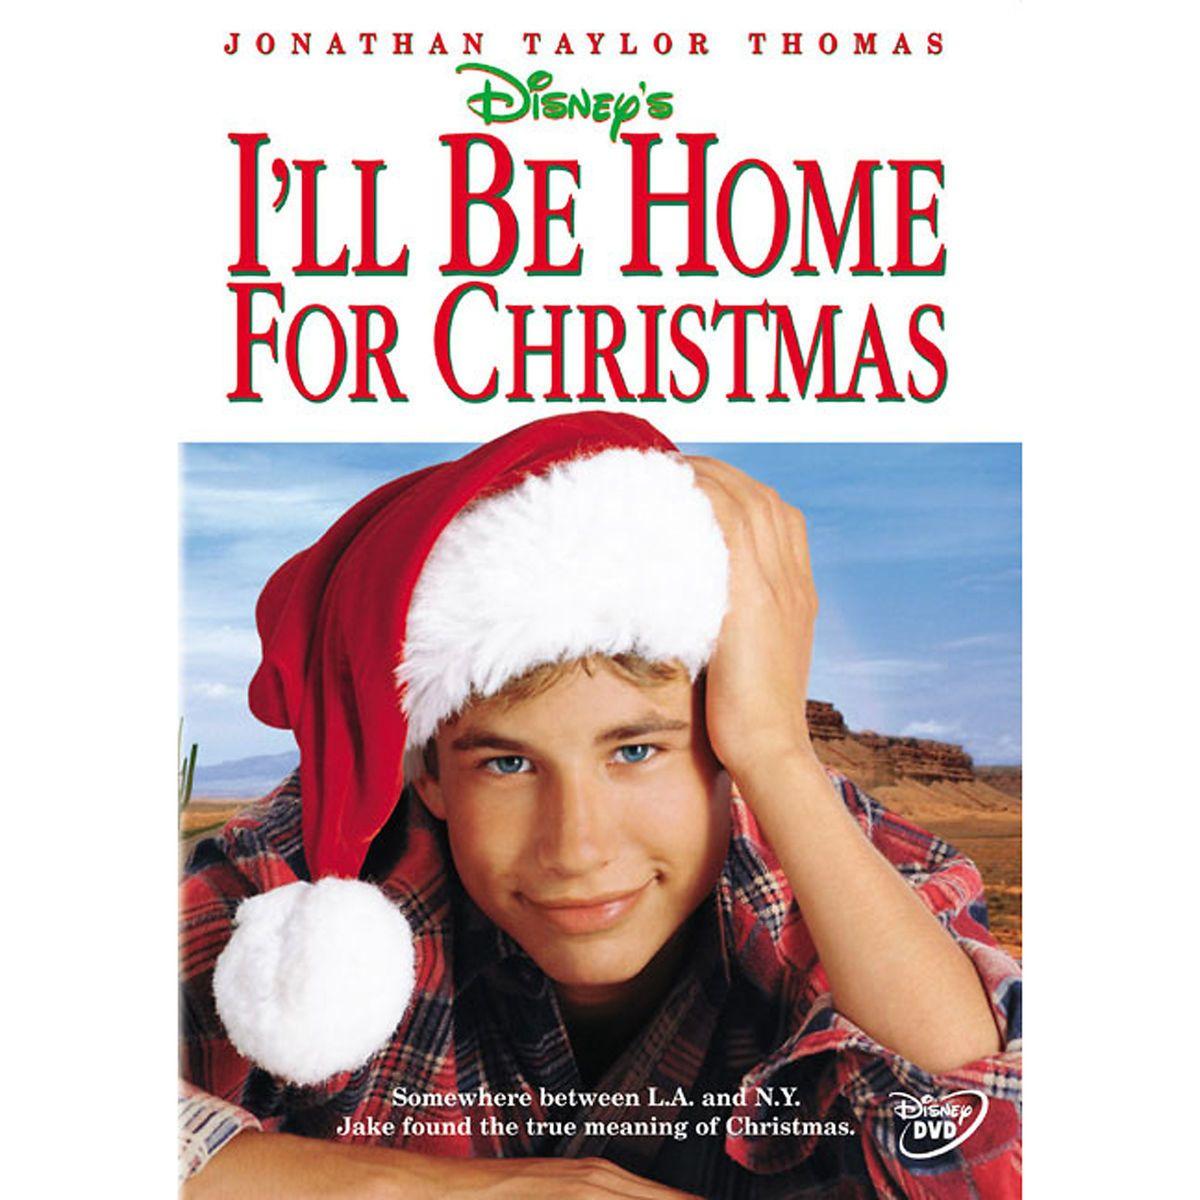 I'll Be Home for Christmas DVD Kids christmas movies